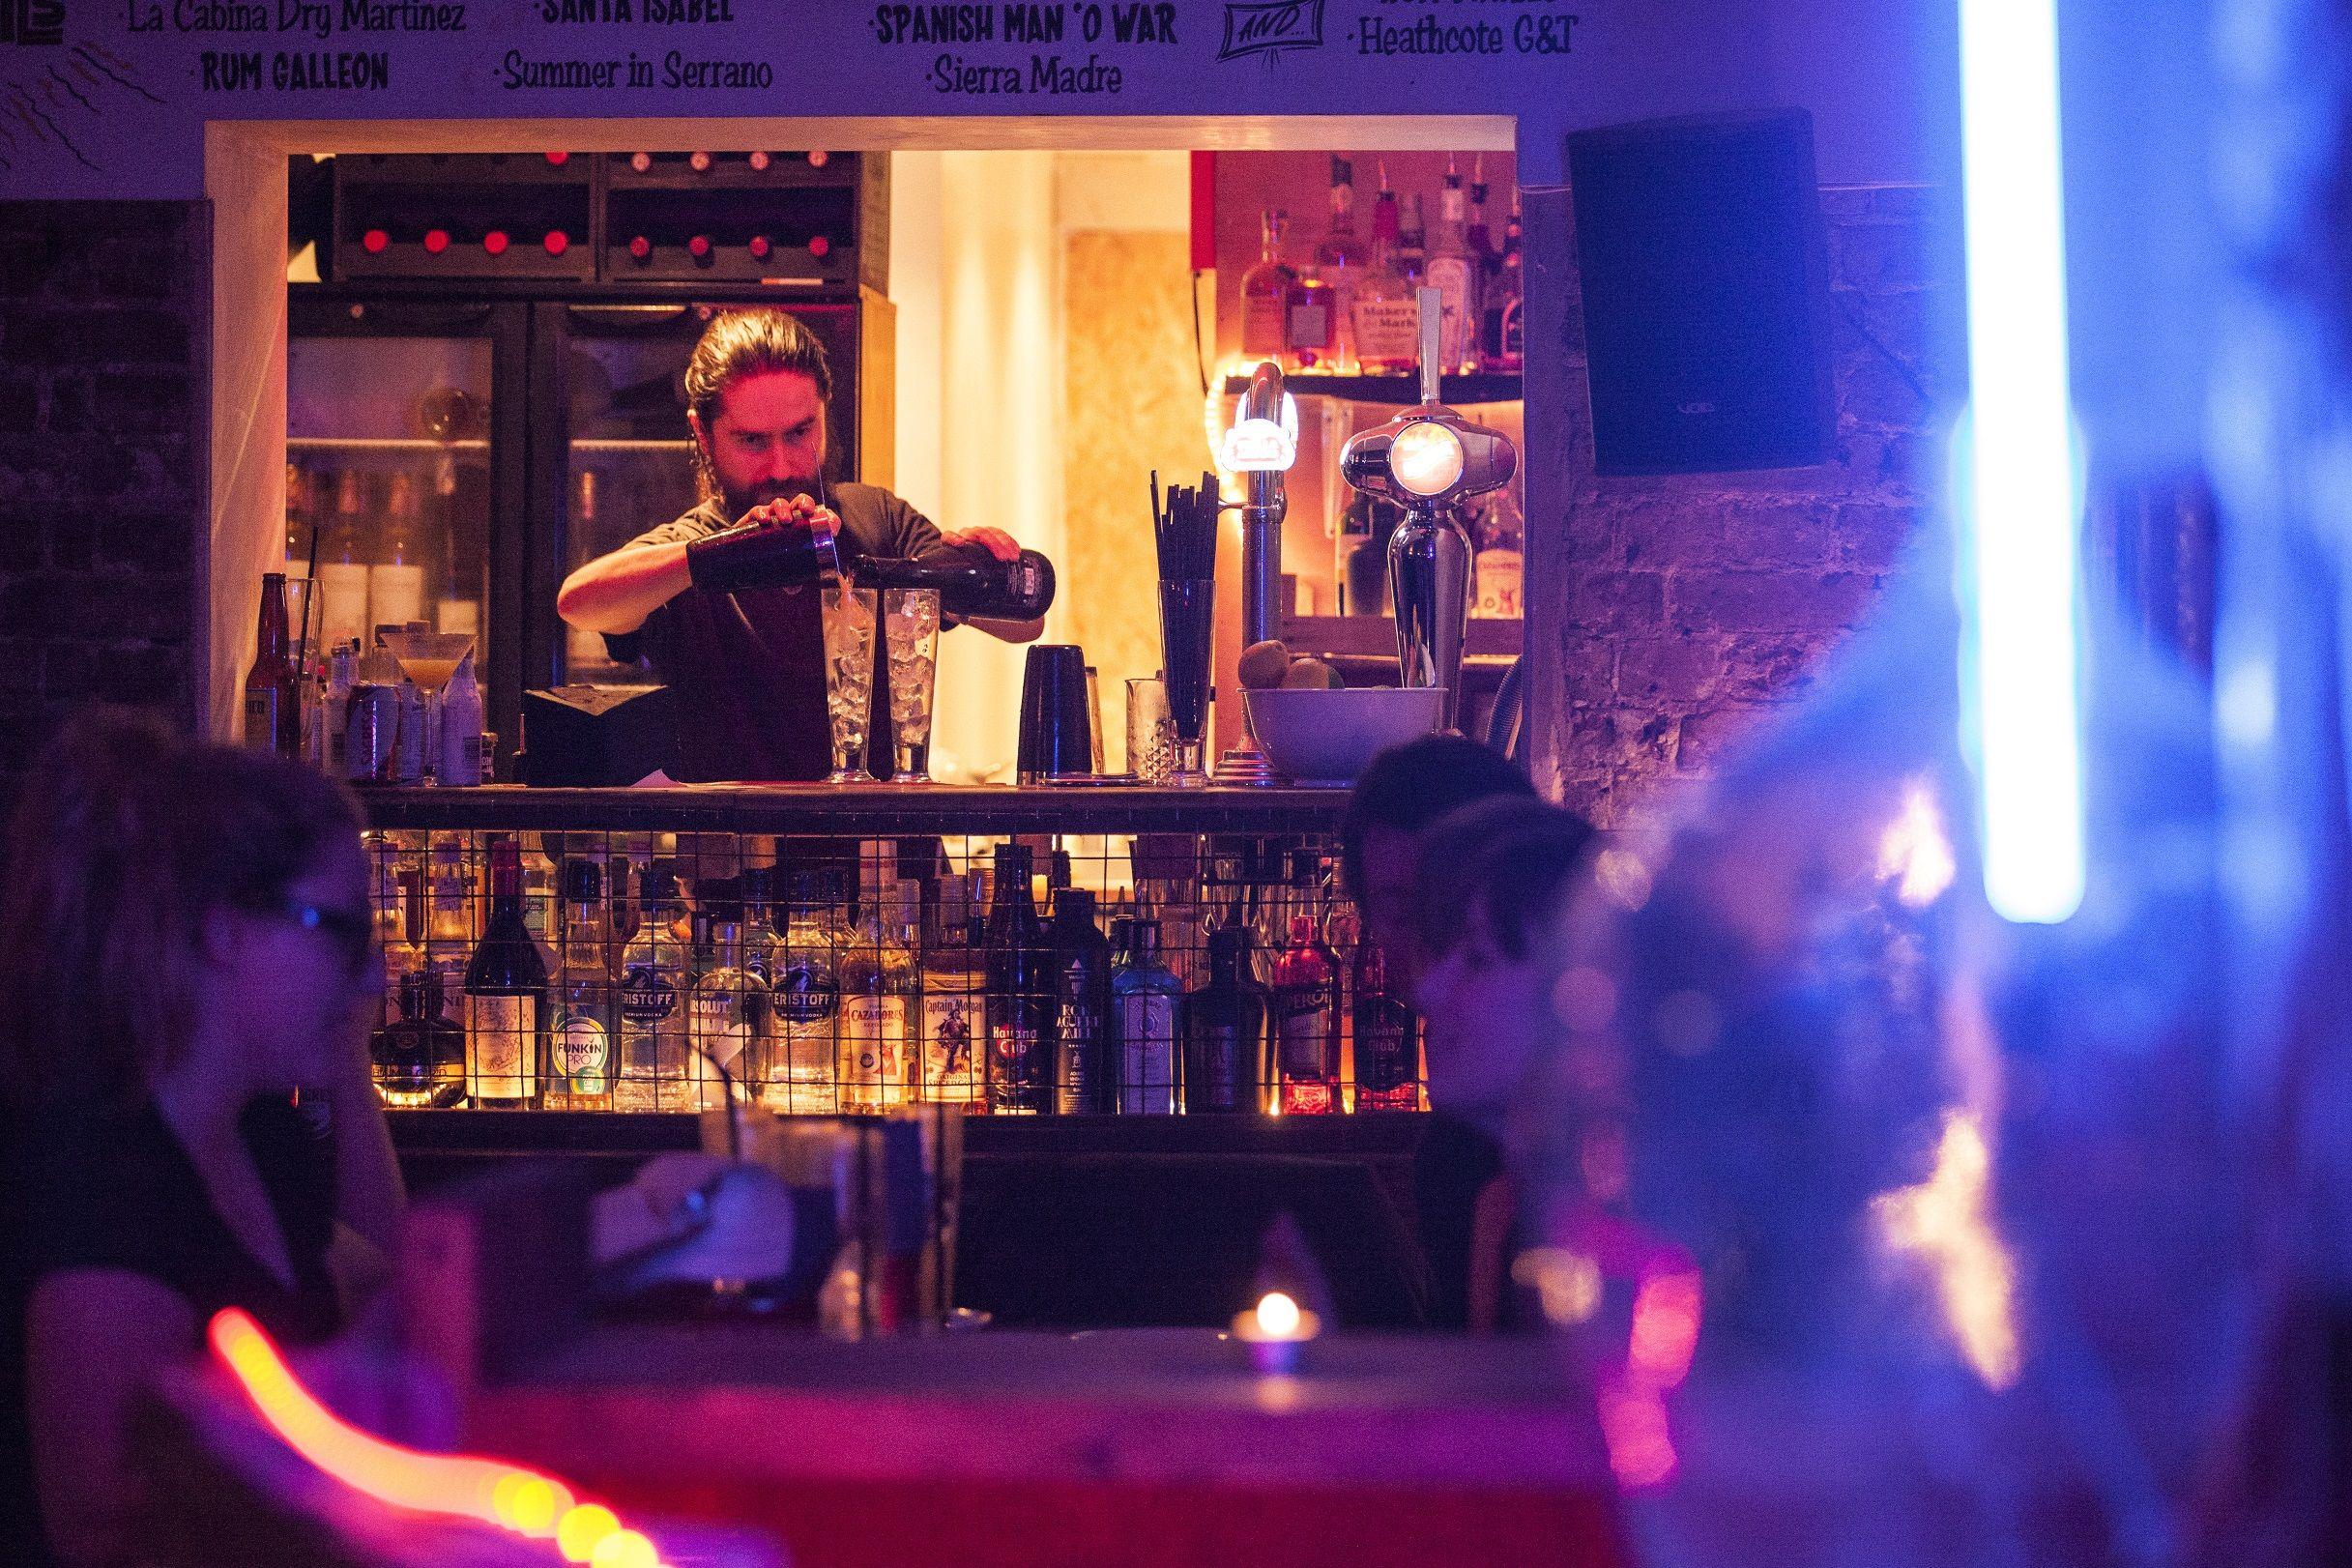 La Cabina Bar : En mi camino bar la cabina c afán de ribera sevilla cerro de